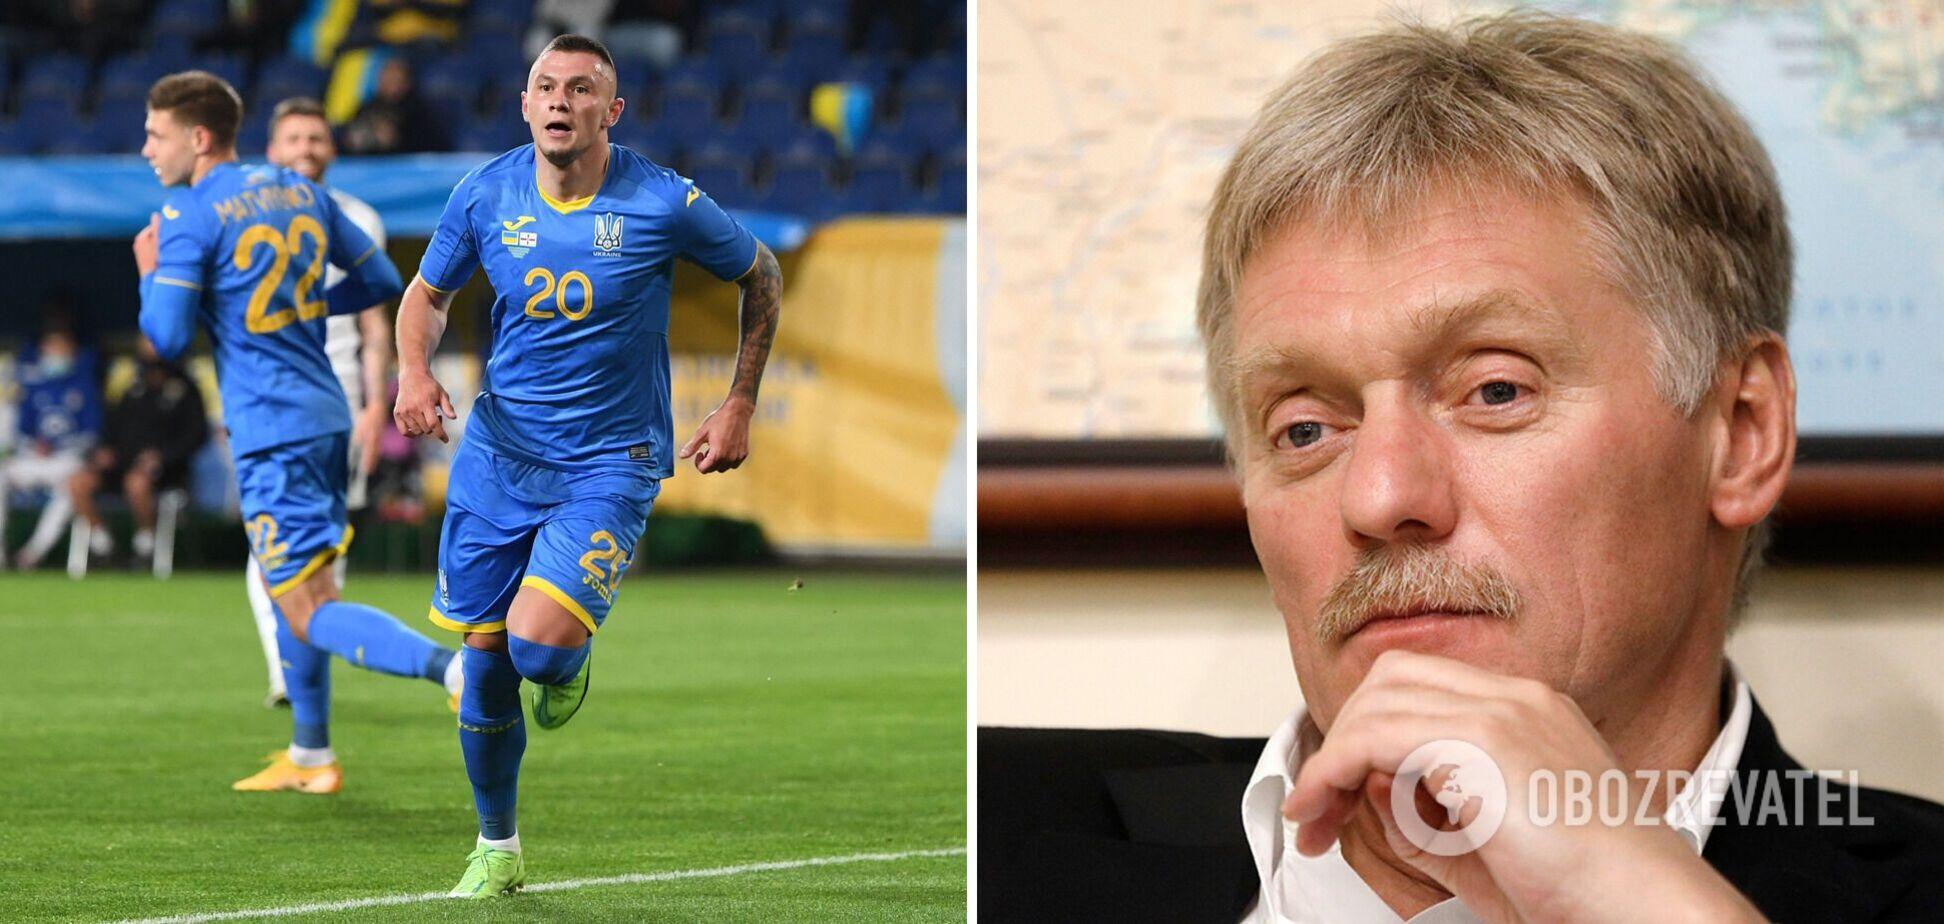 Дмитро Пєсков оцінив матчу Україна - Росія на Євро-2020